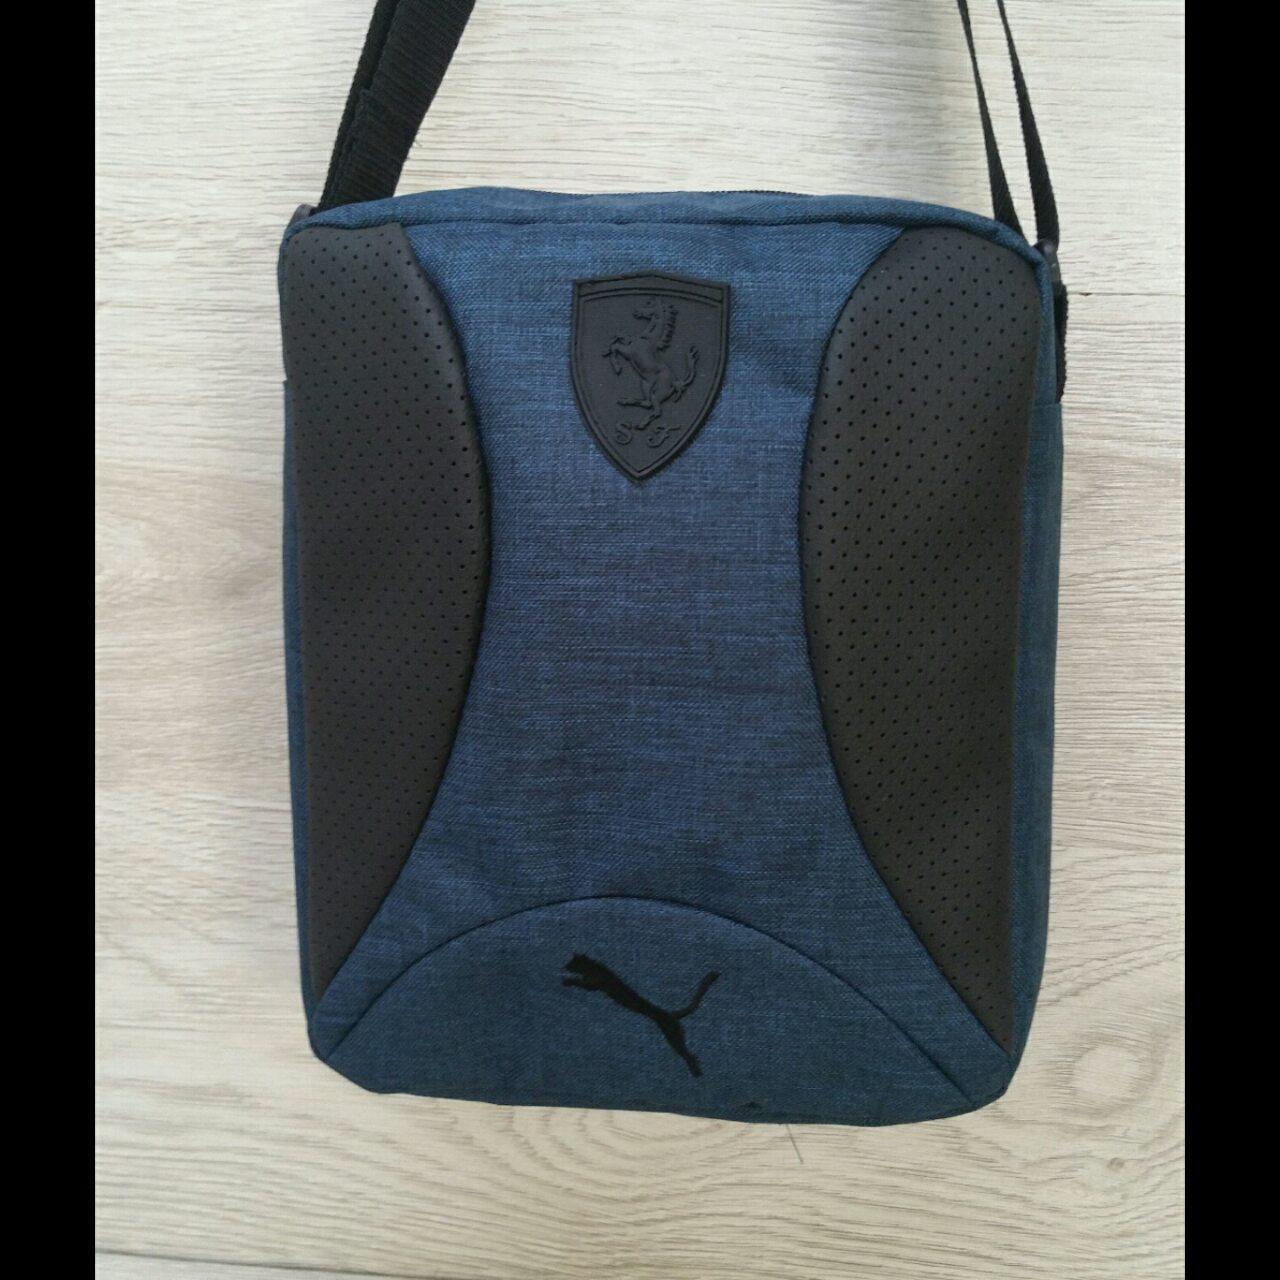 Барсетка сумка Puma мужская мессенджер 26x21 см